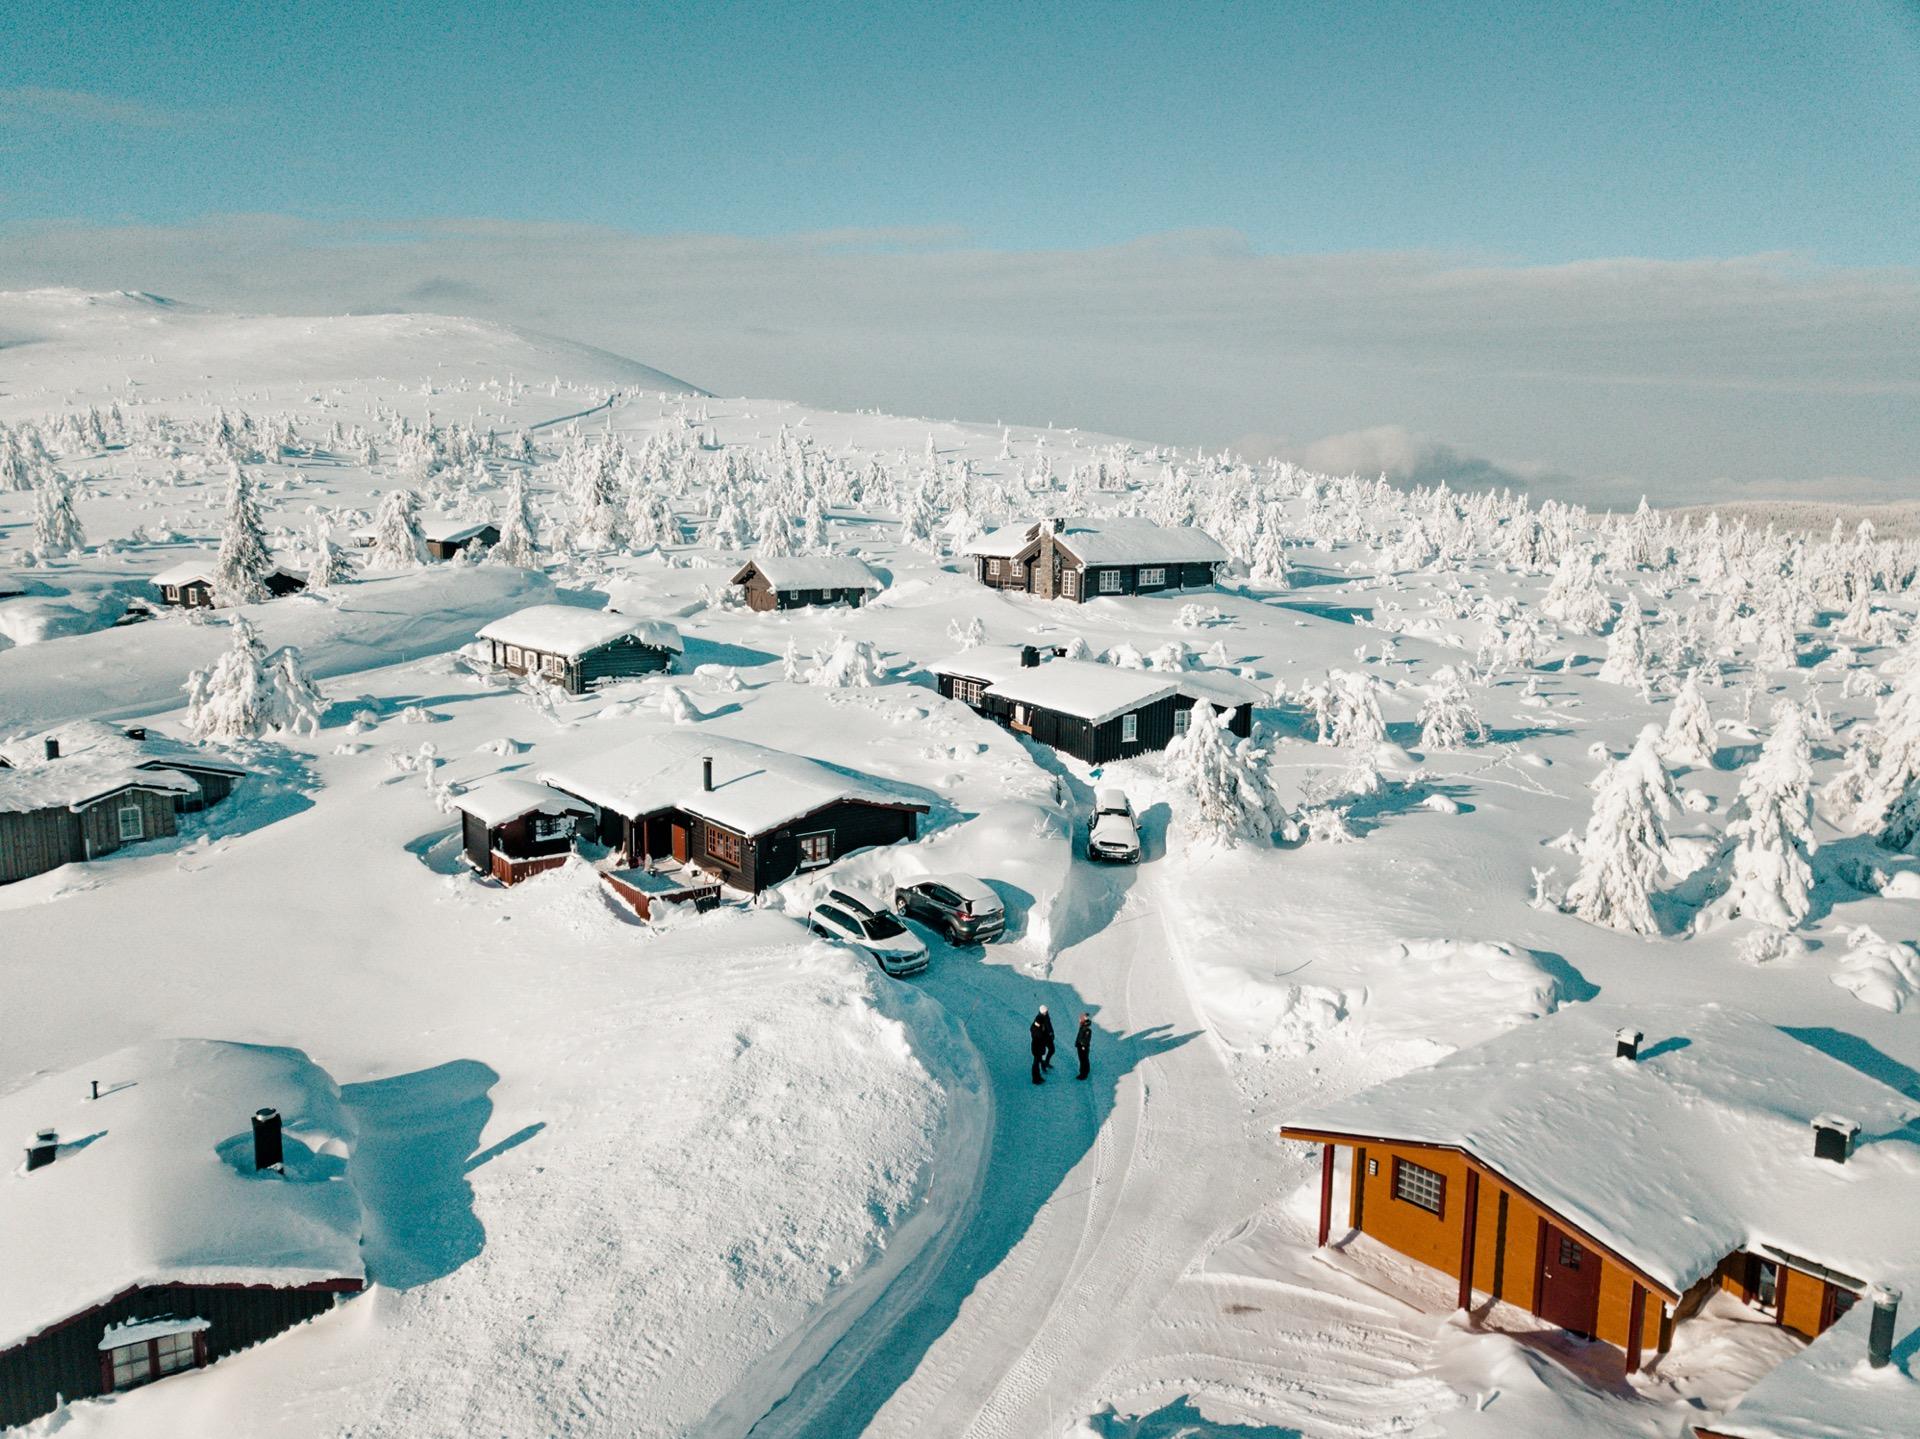 Skiurlaub in trysil